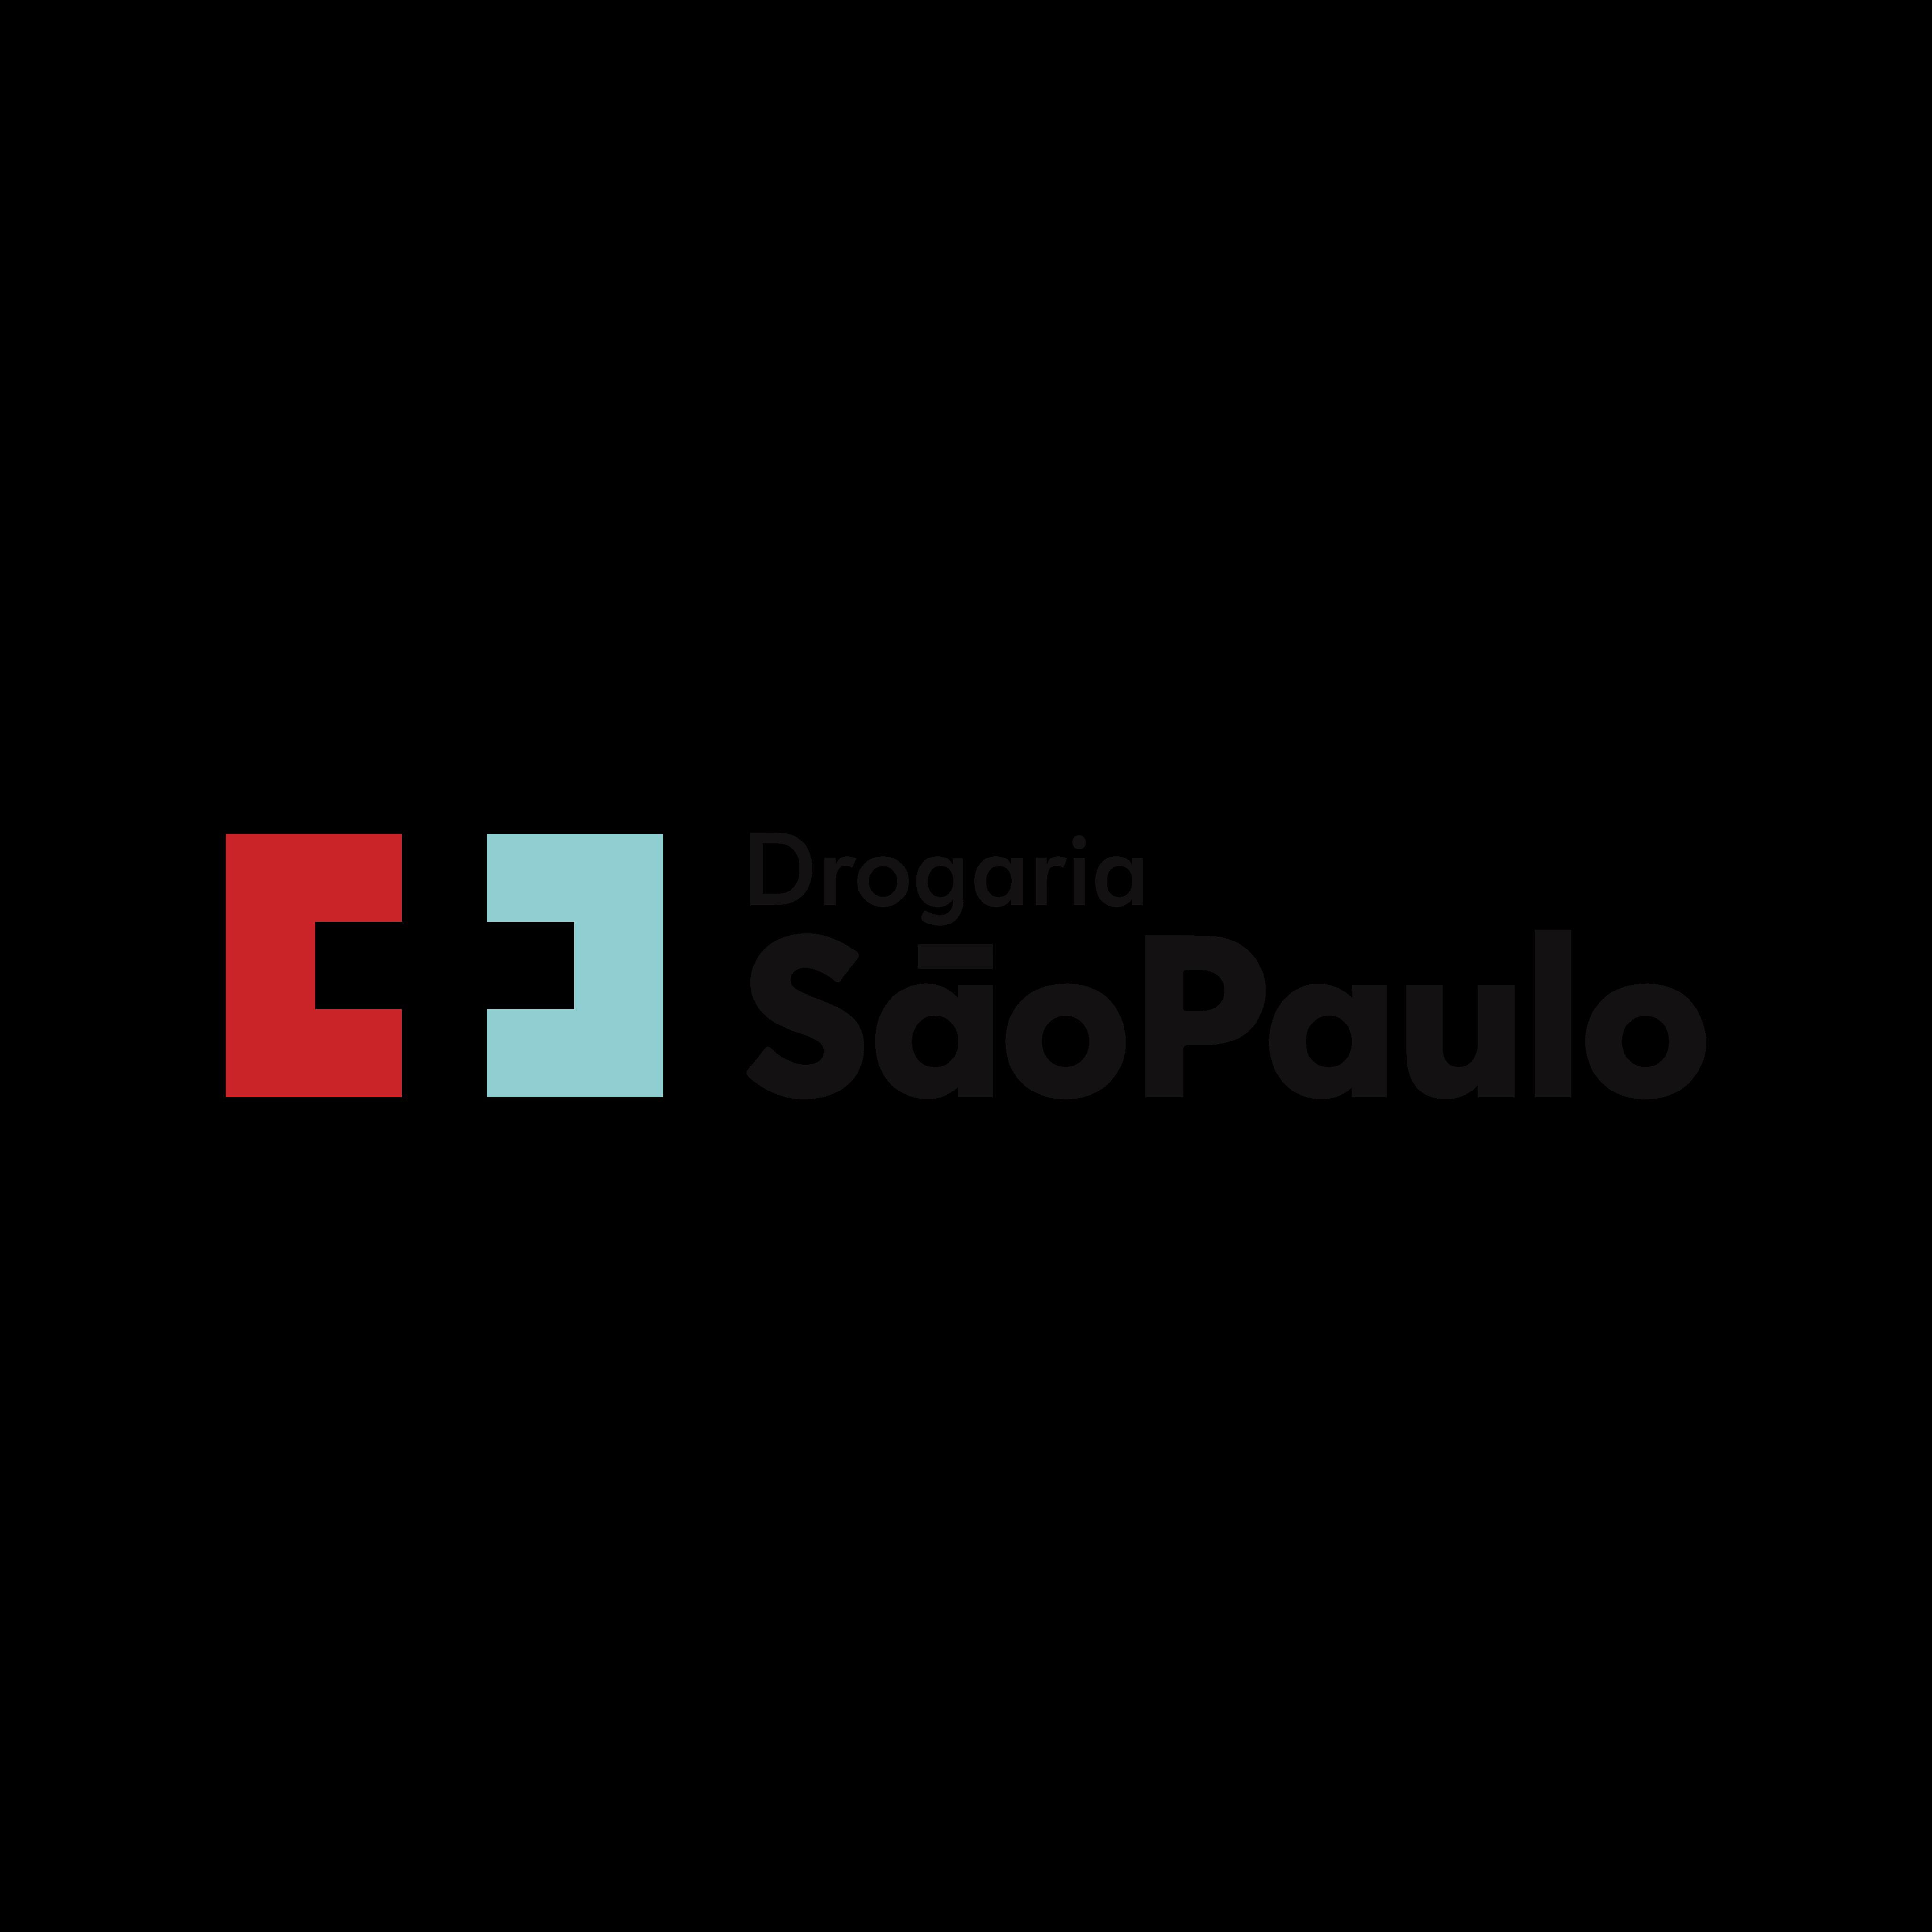 drogaria sao paulo logo 0 - Drogaria São Paulo Logo